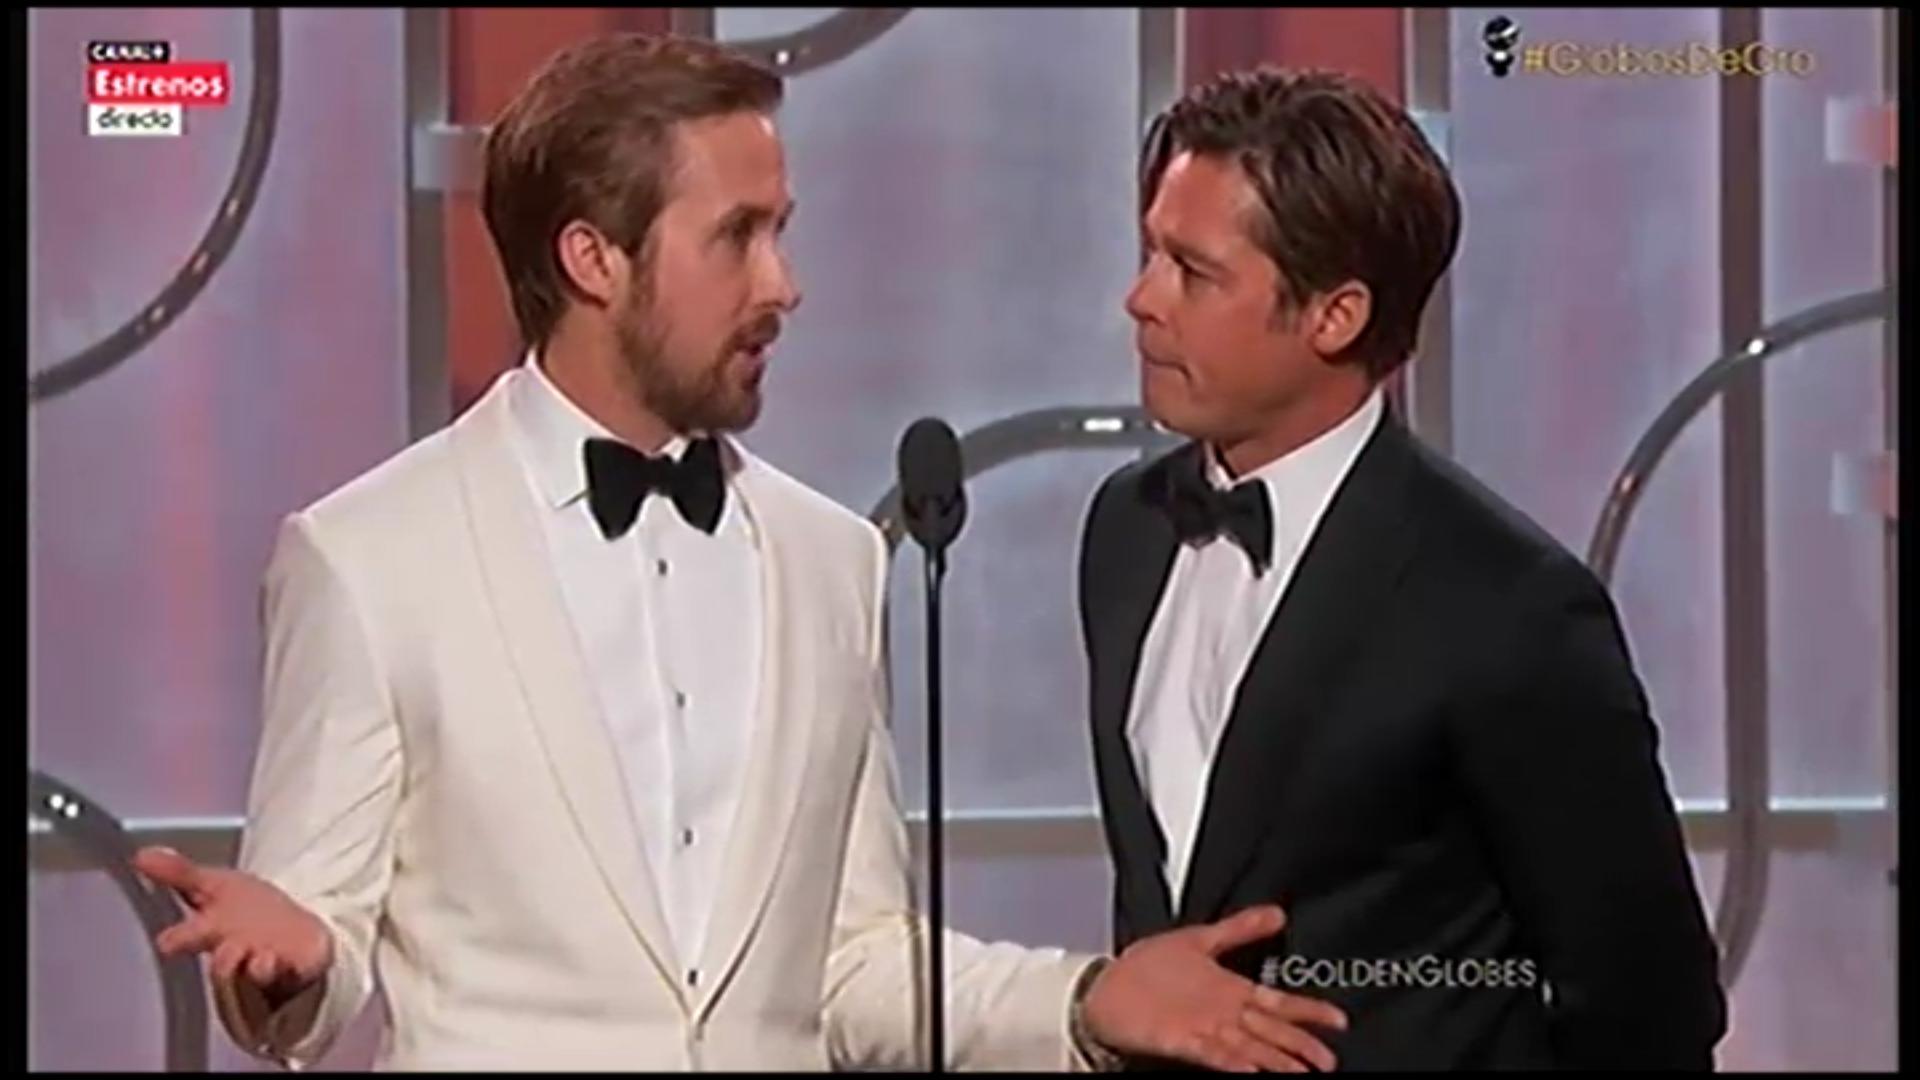 Los actores Ryan Gosling y Brad Pitt en el escenario